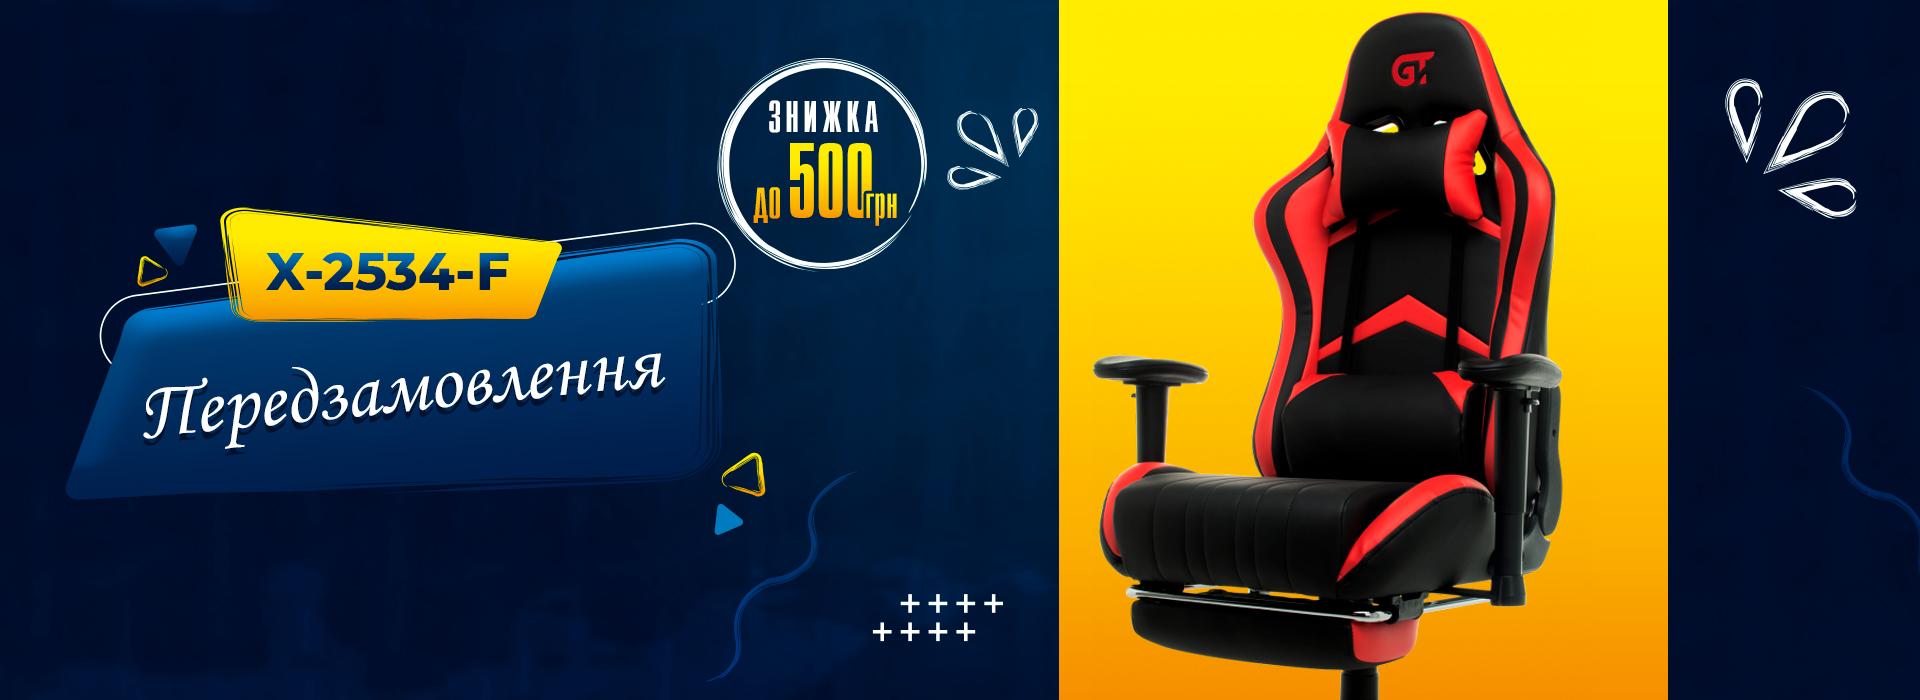 Акція! Передзамовлення на геймерське крісло GT Racer X-2534-F!